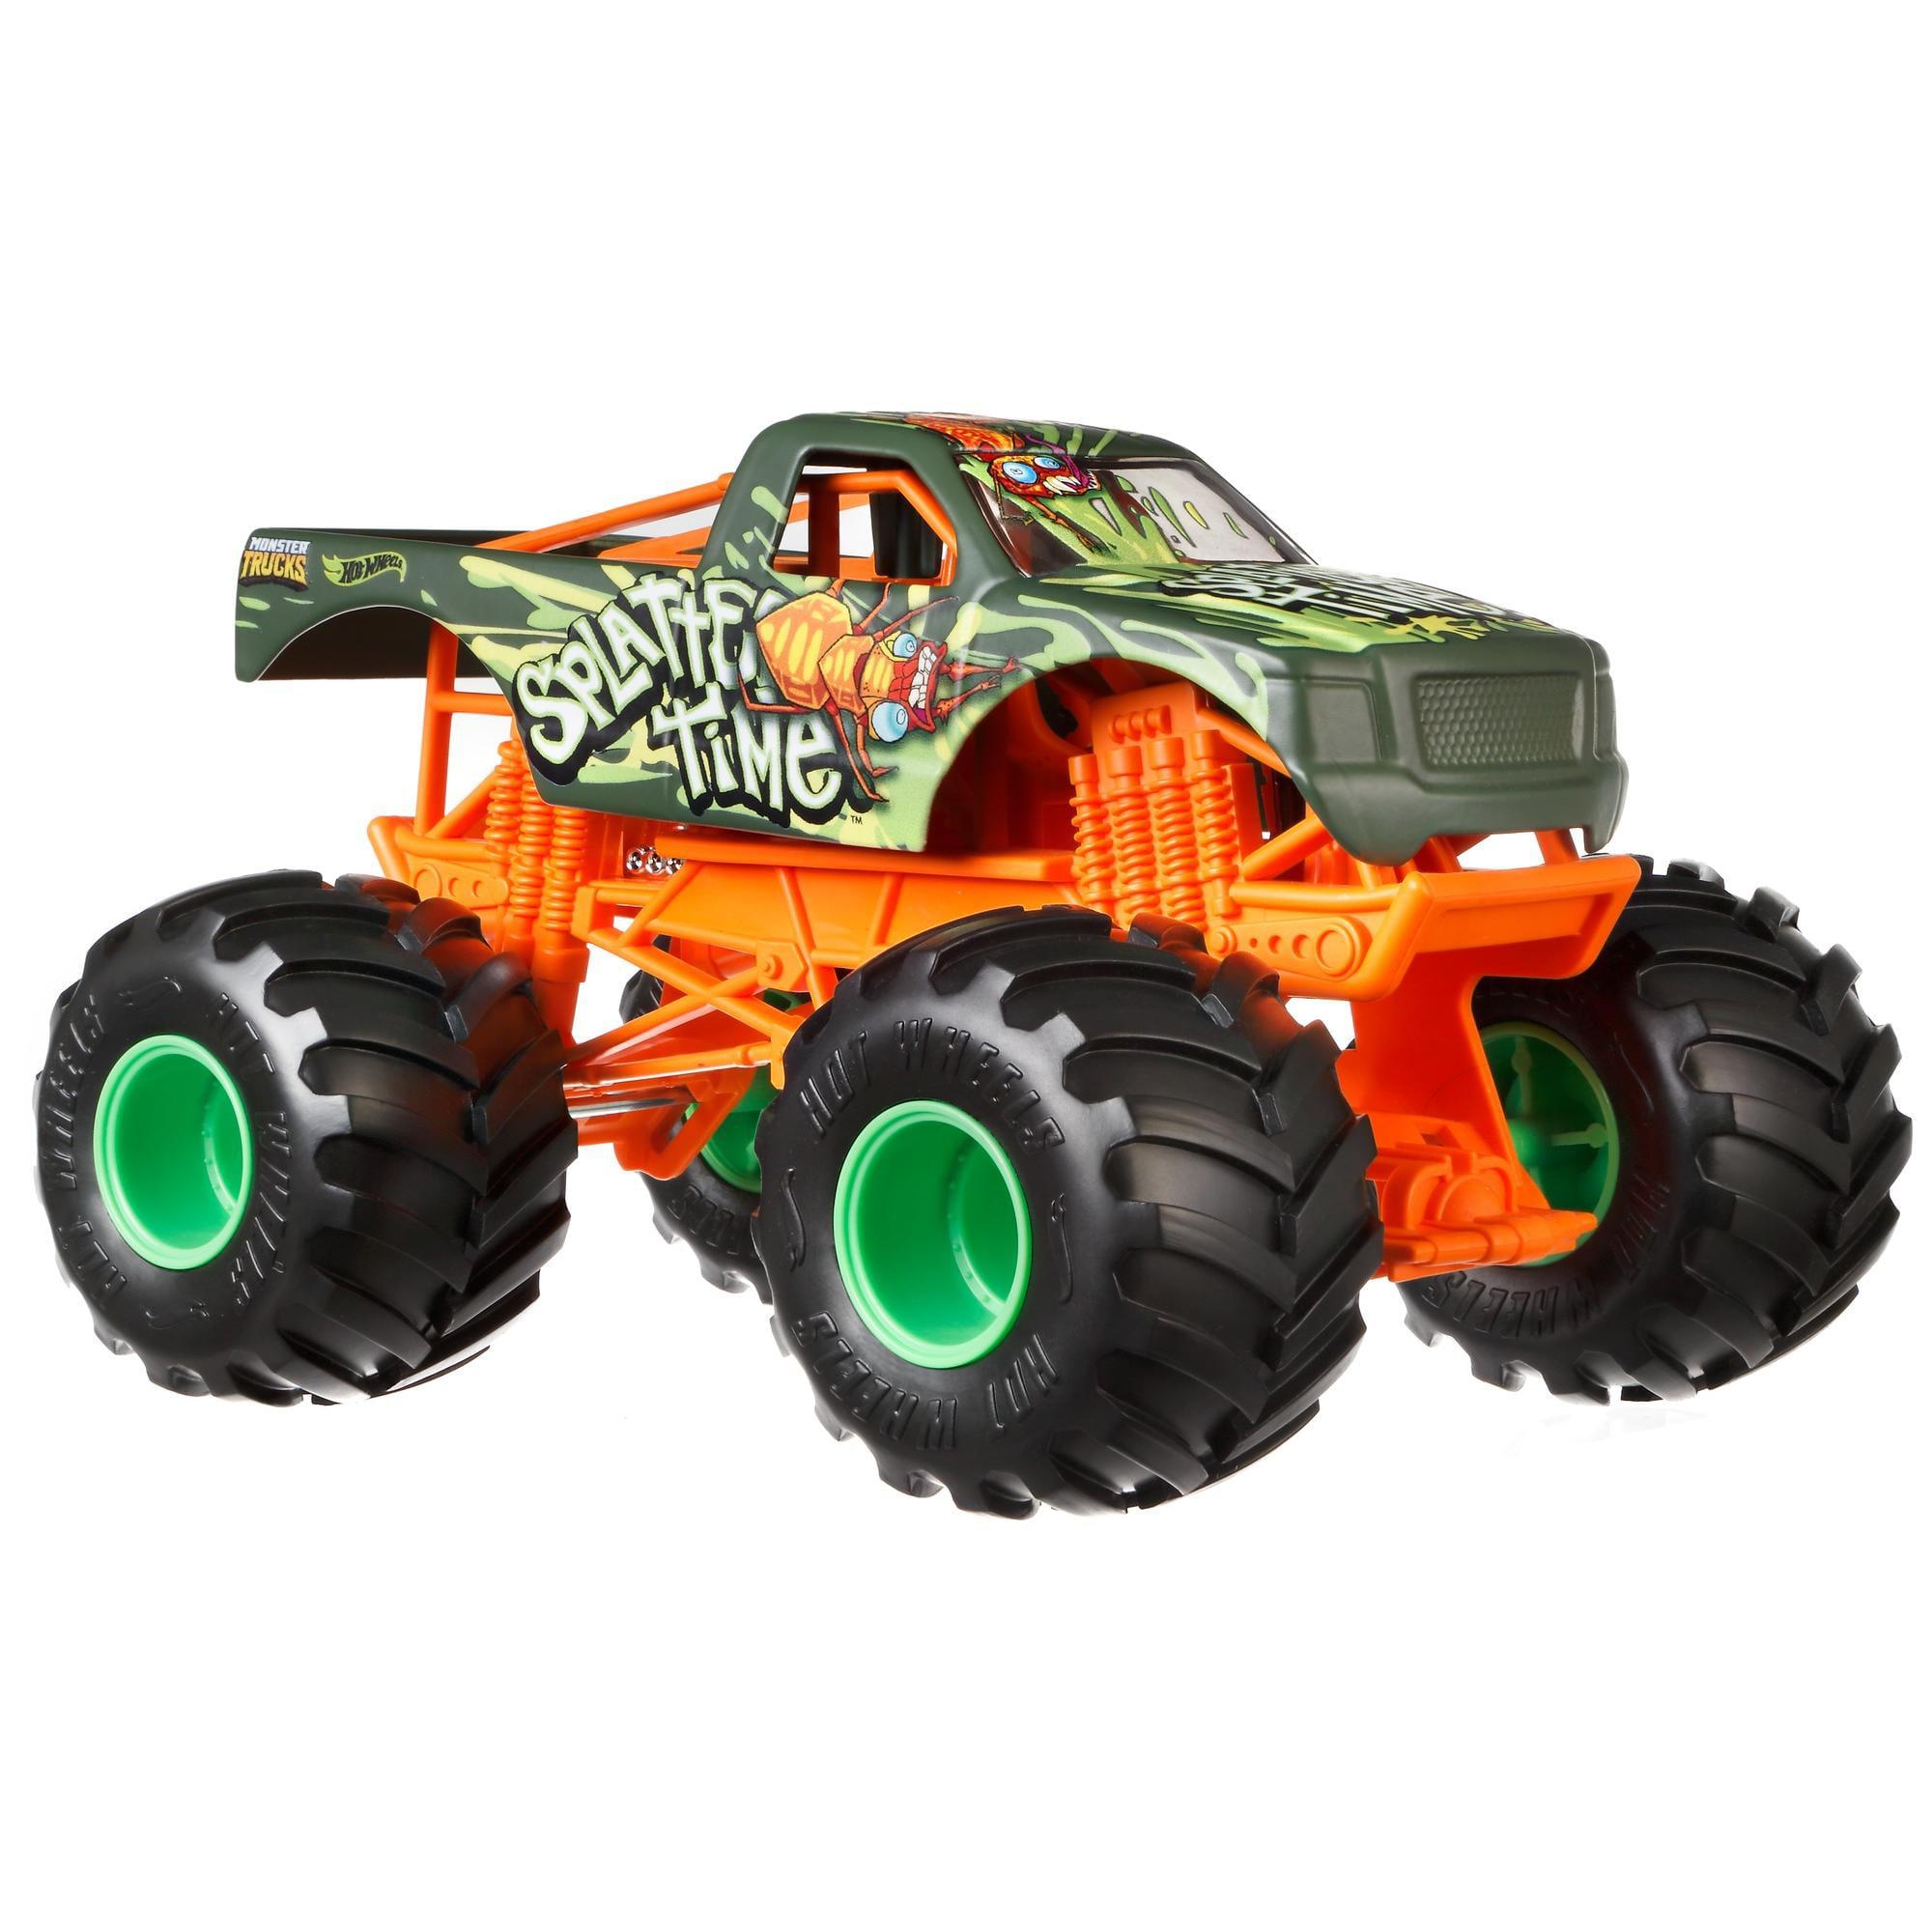 Hot Wheels Monster Trucks 1:24 Scale Splatter Time by Mattel